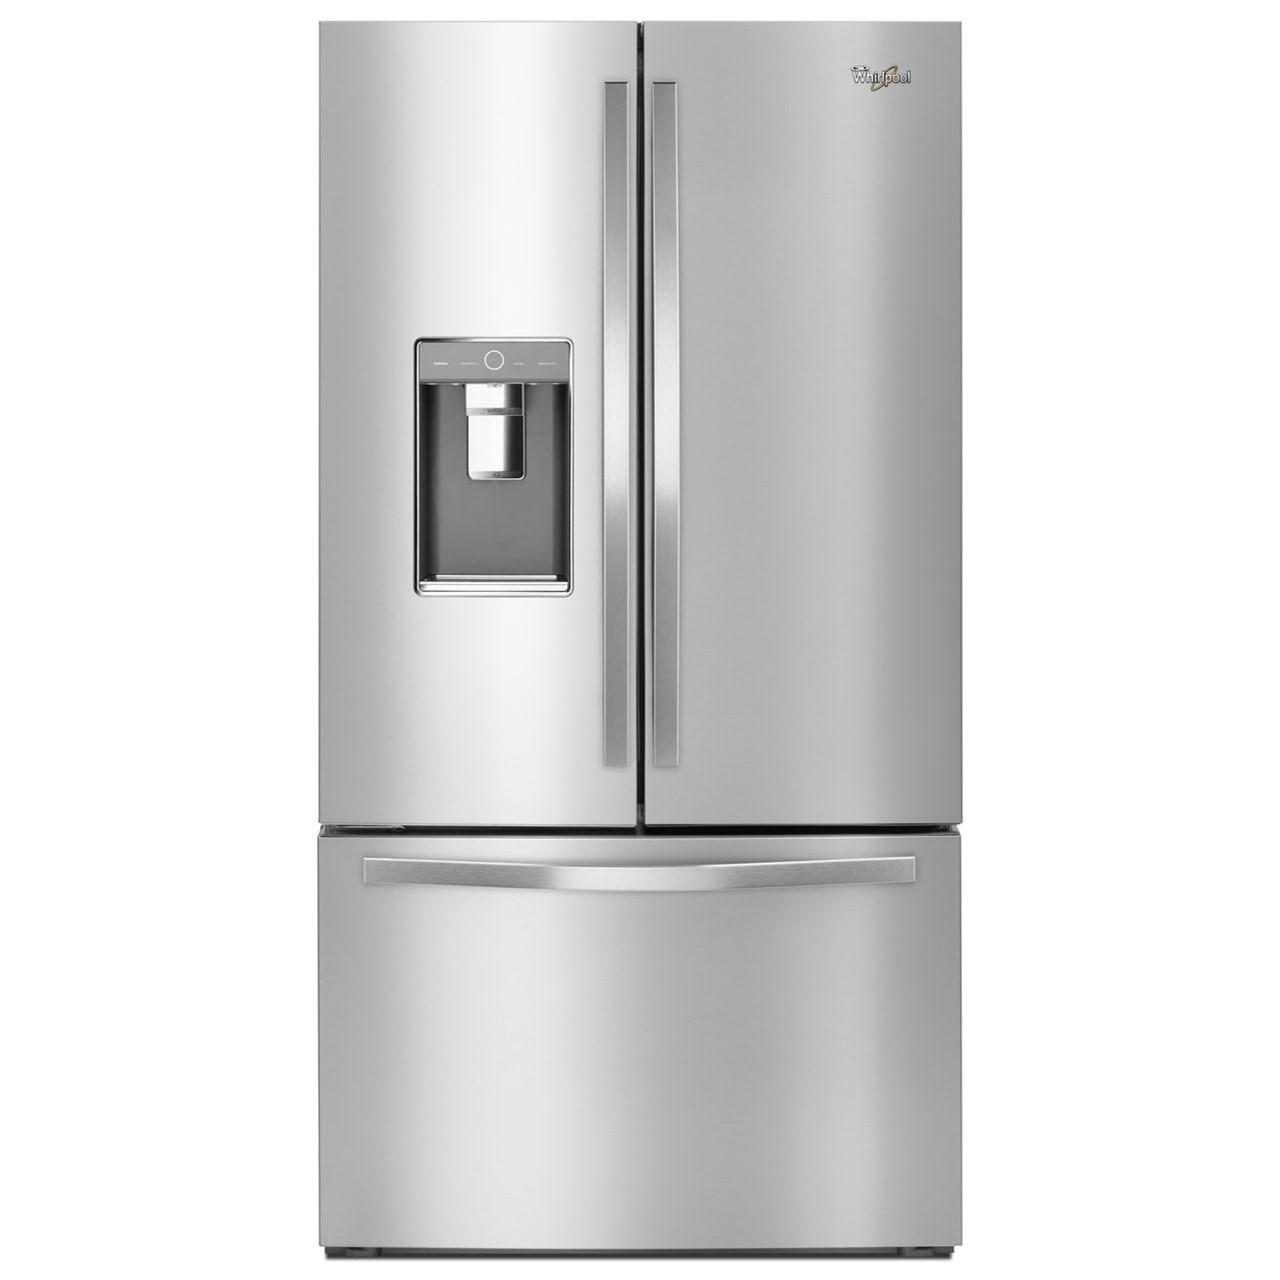 Whirlpool French Door Refrigerators 36-inch Wide French Door Refrigerator - Item Number: WRF992FIFM